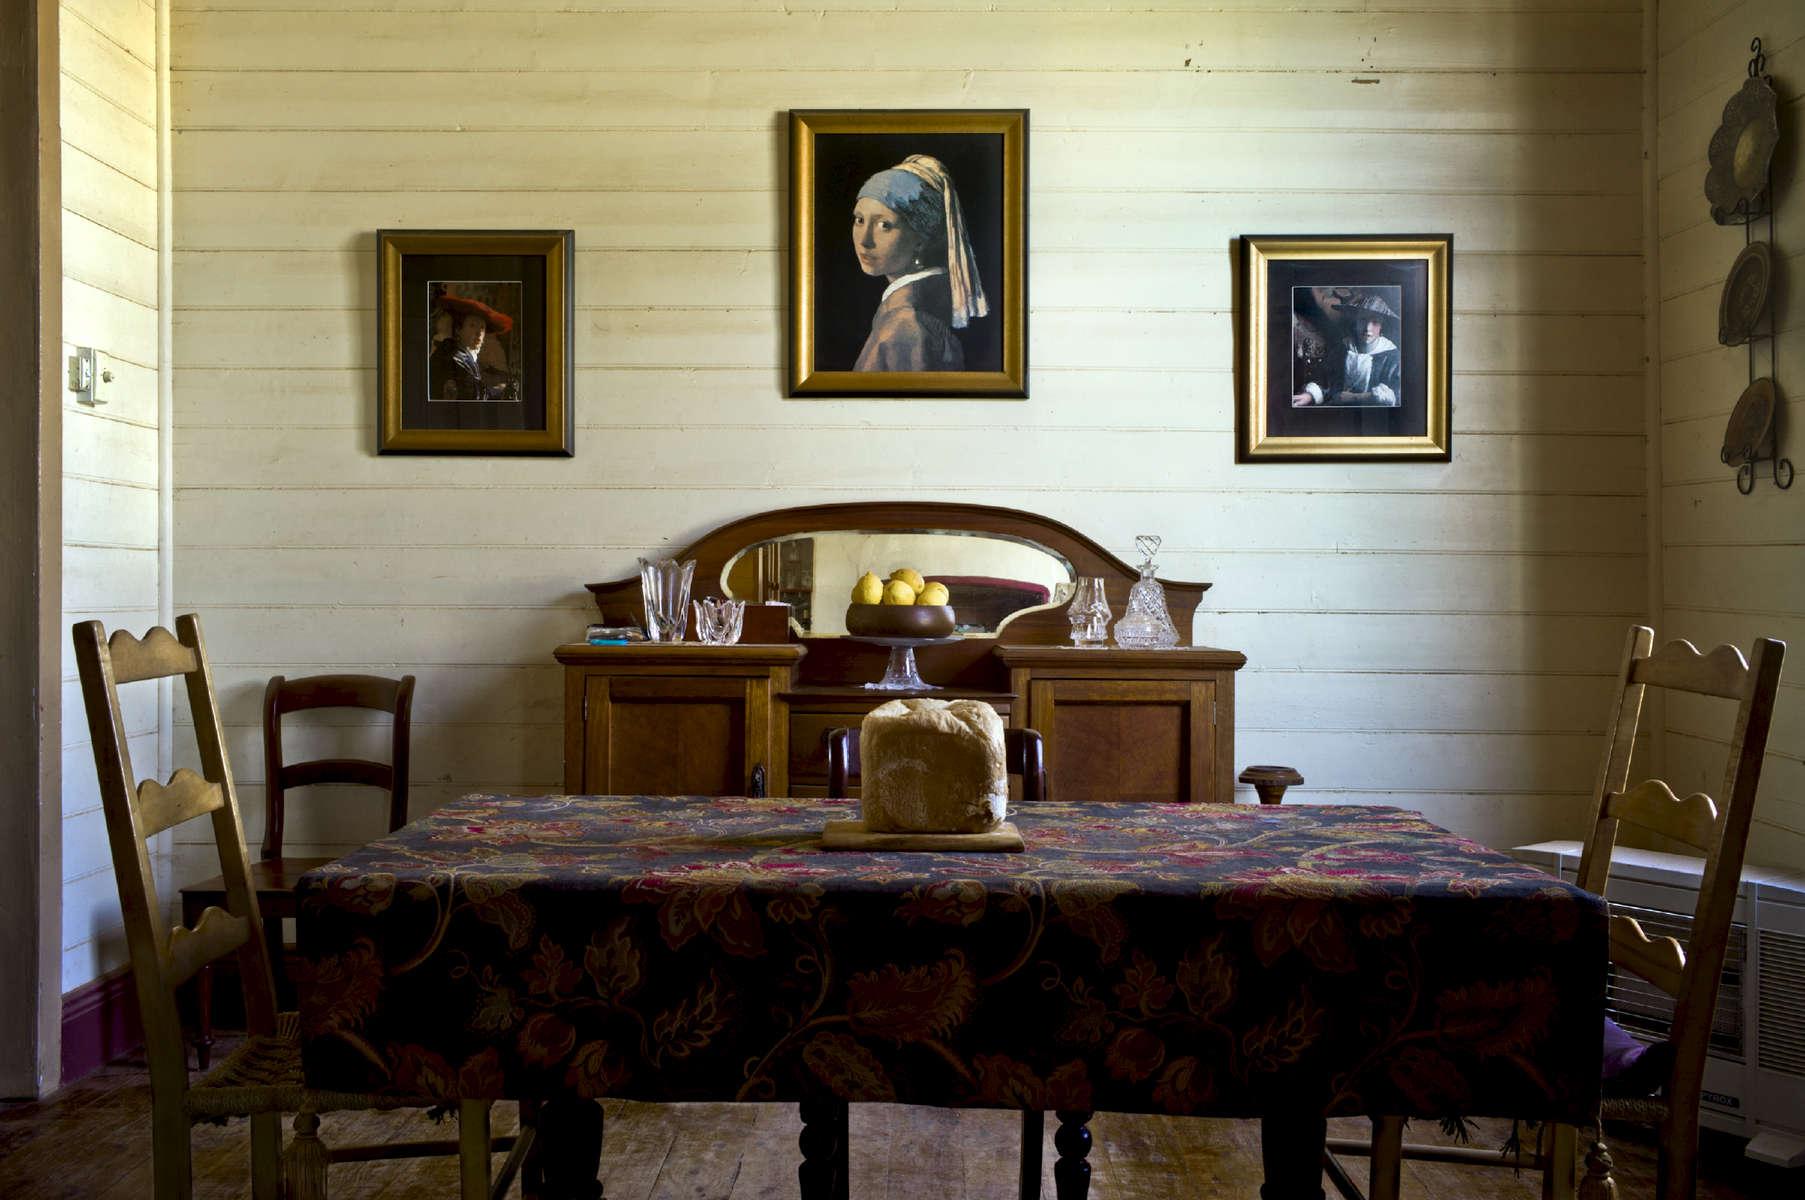 A l'arrière du bureau de poste local, salon de Gaye et Micke à White Cliffs. Gaye a préparé du pain pour une famille qui vit isolée. Son marie le facteur, le leur amènera pendant sa tournée. Nouvelle Galles du Sud, Australie, 2011.